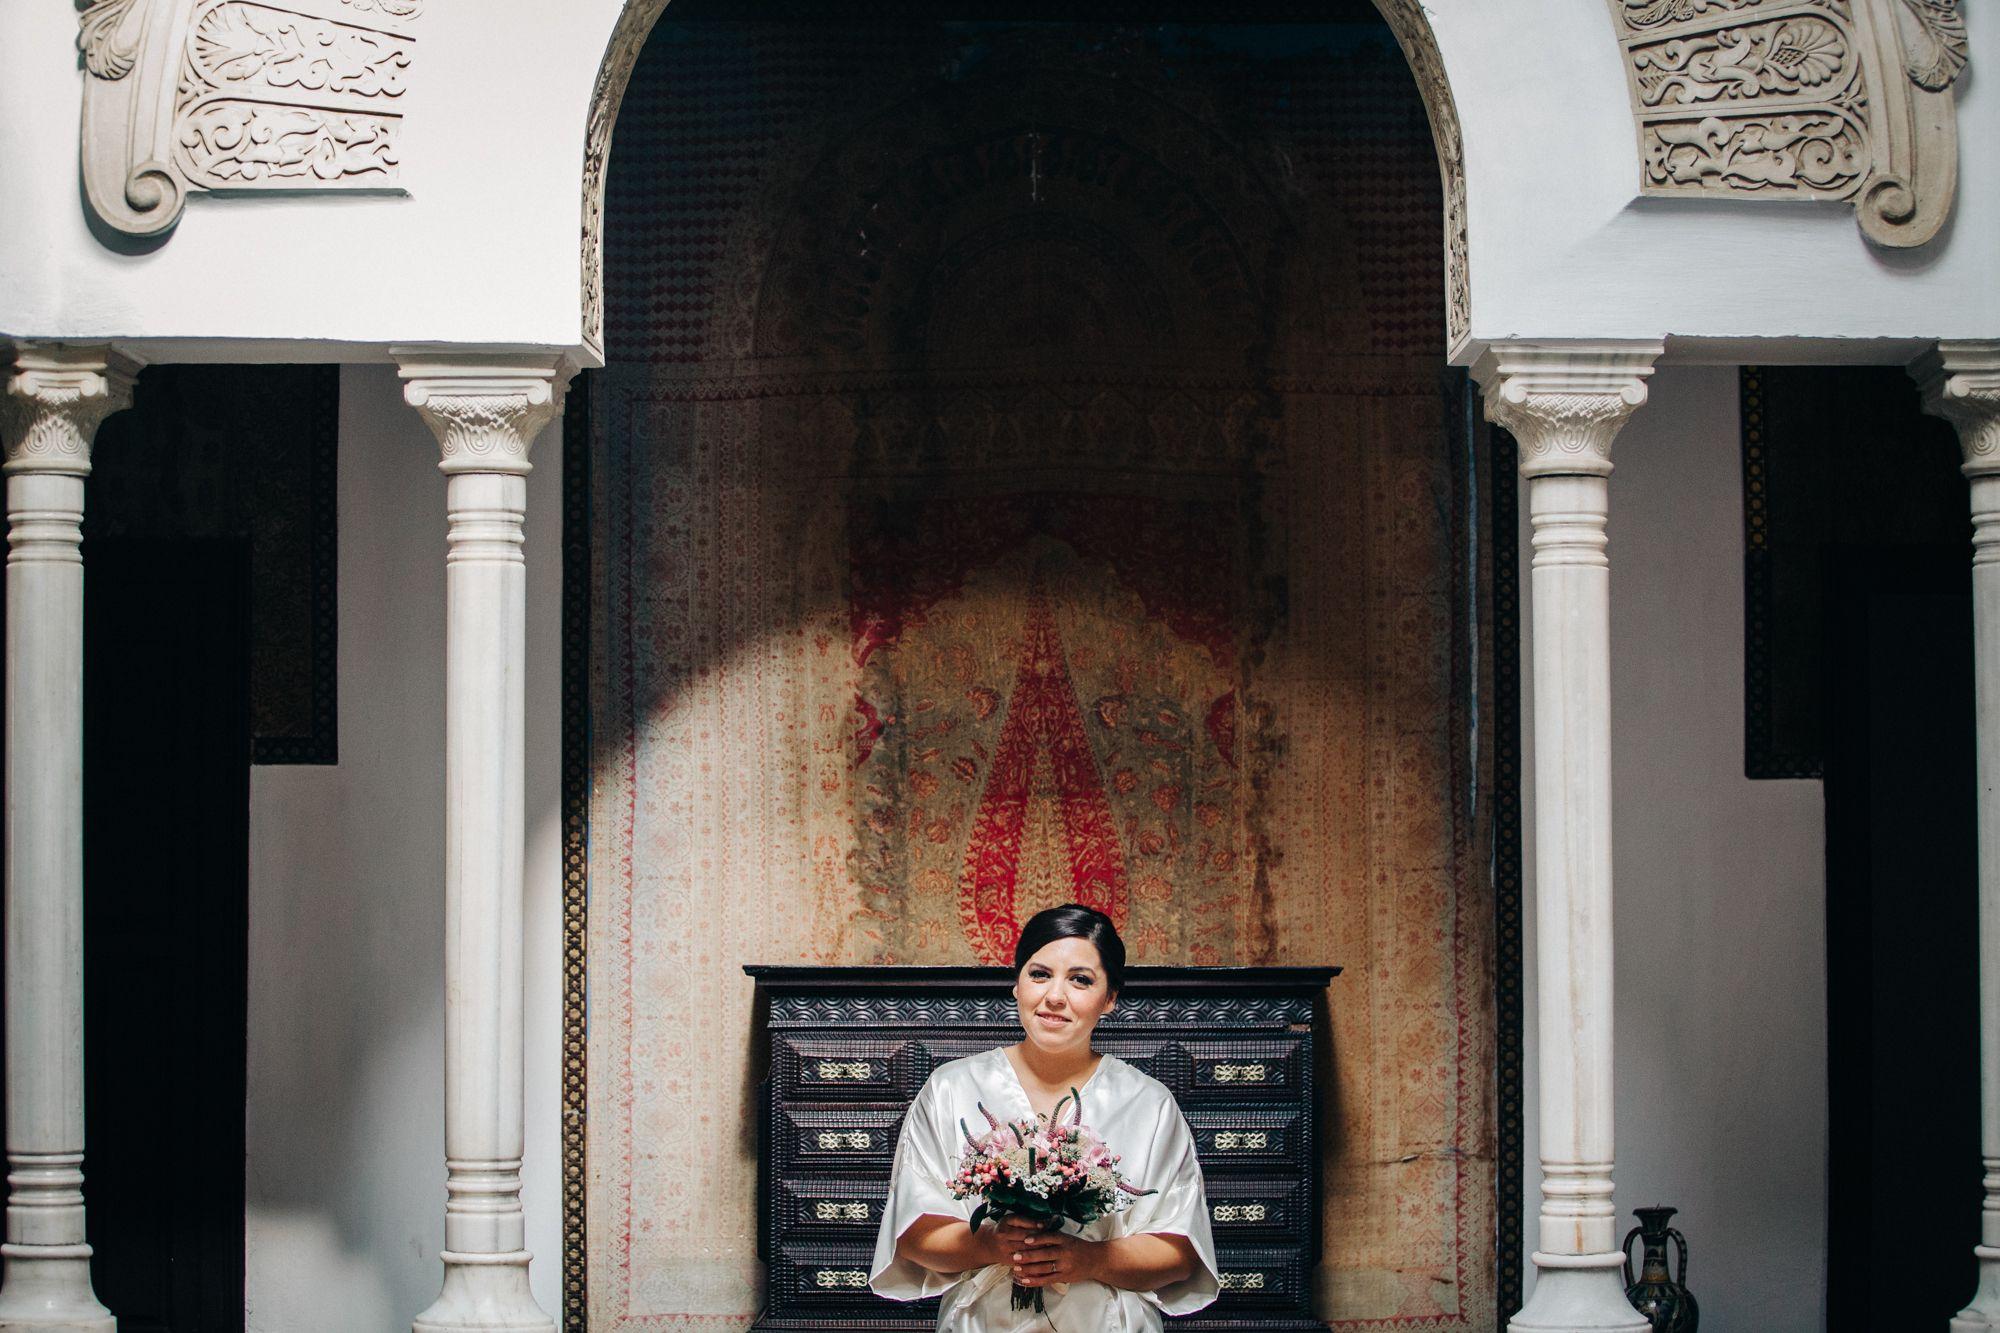 La boda de Amanda y Jorge en Villa Luisa 5